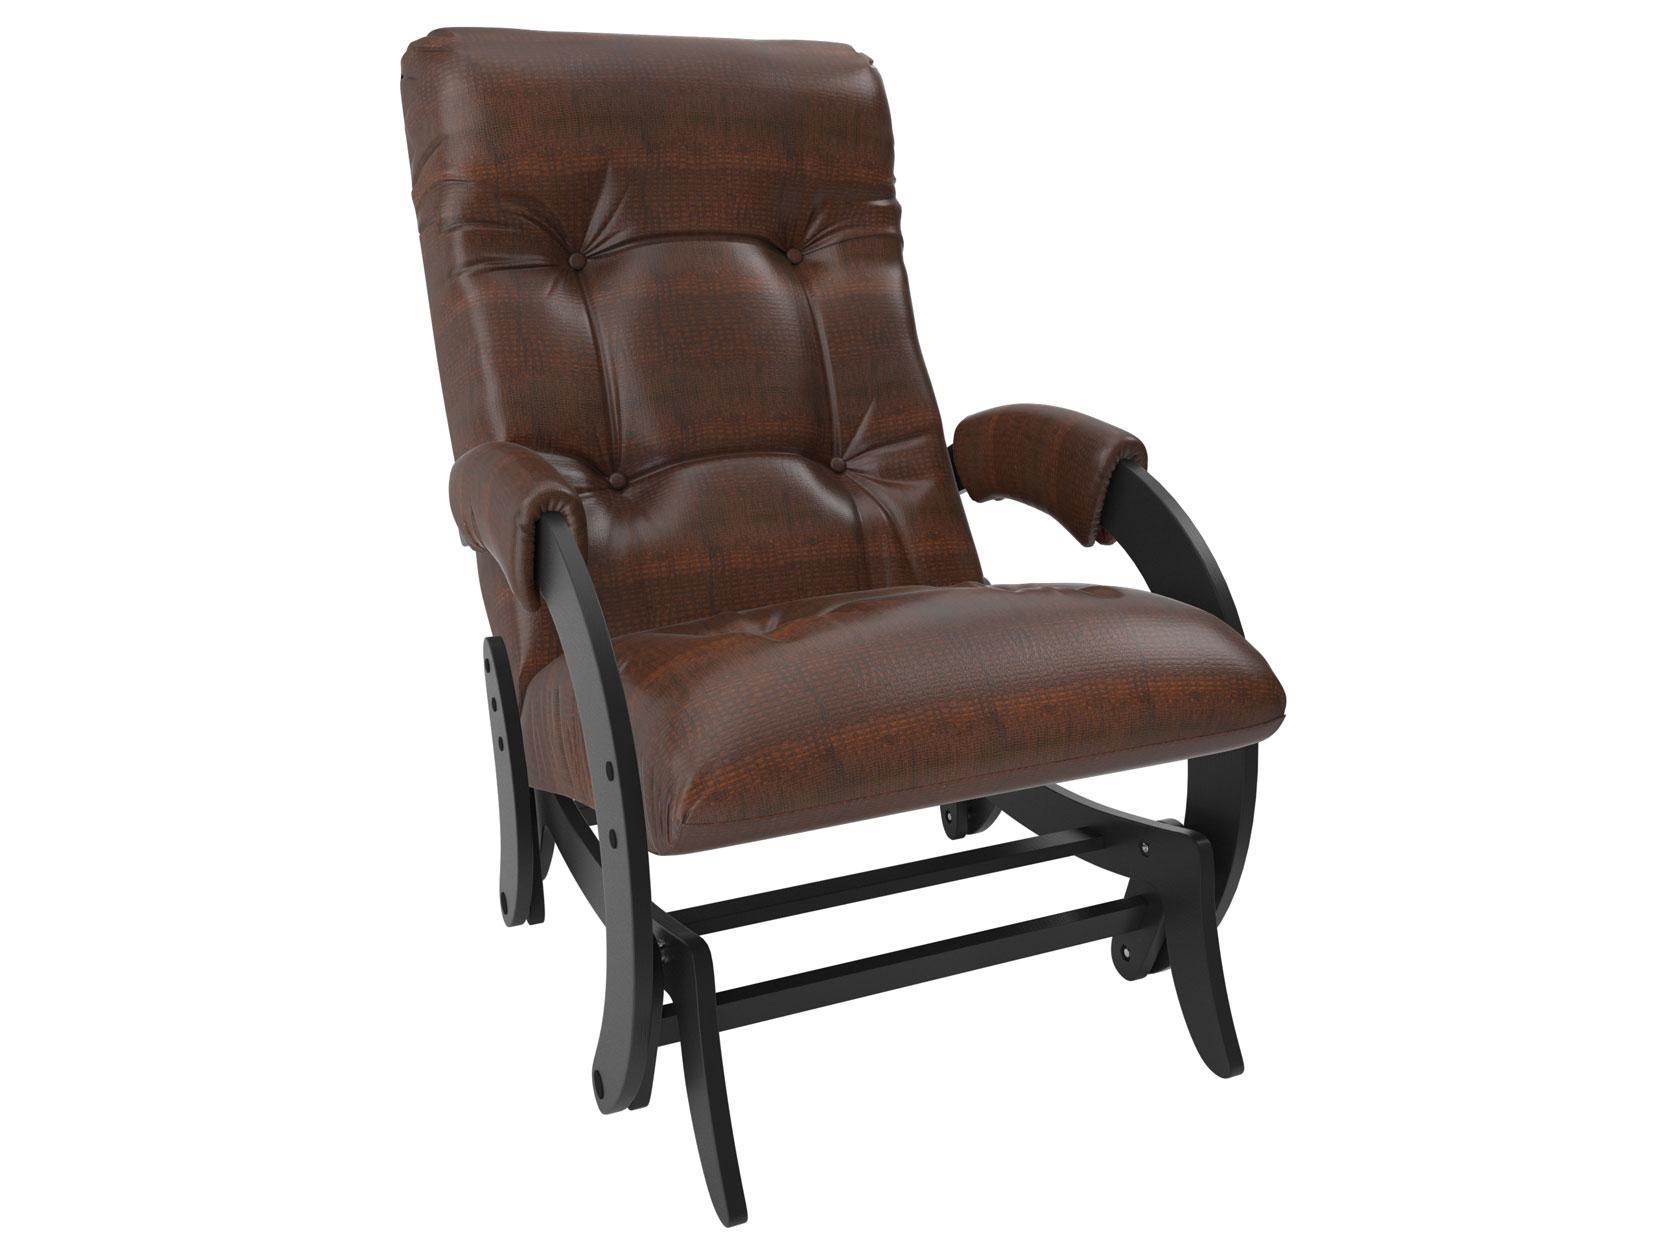 Кресло-глайдер 179-78637